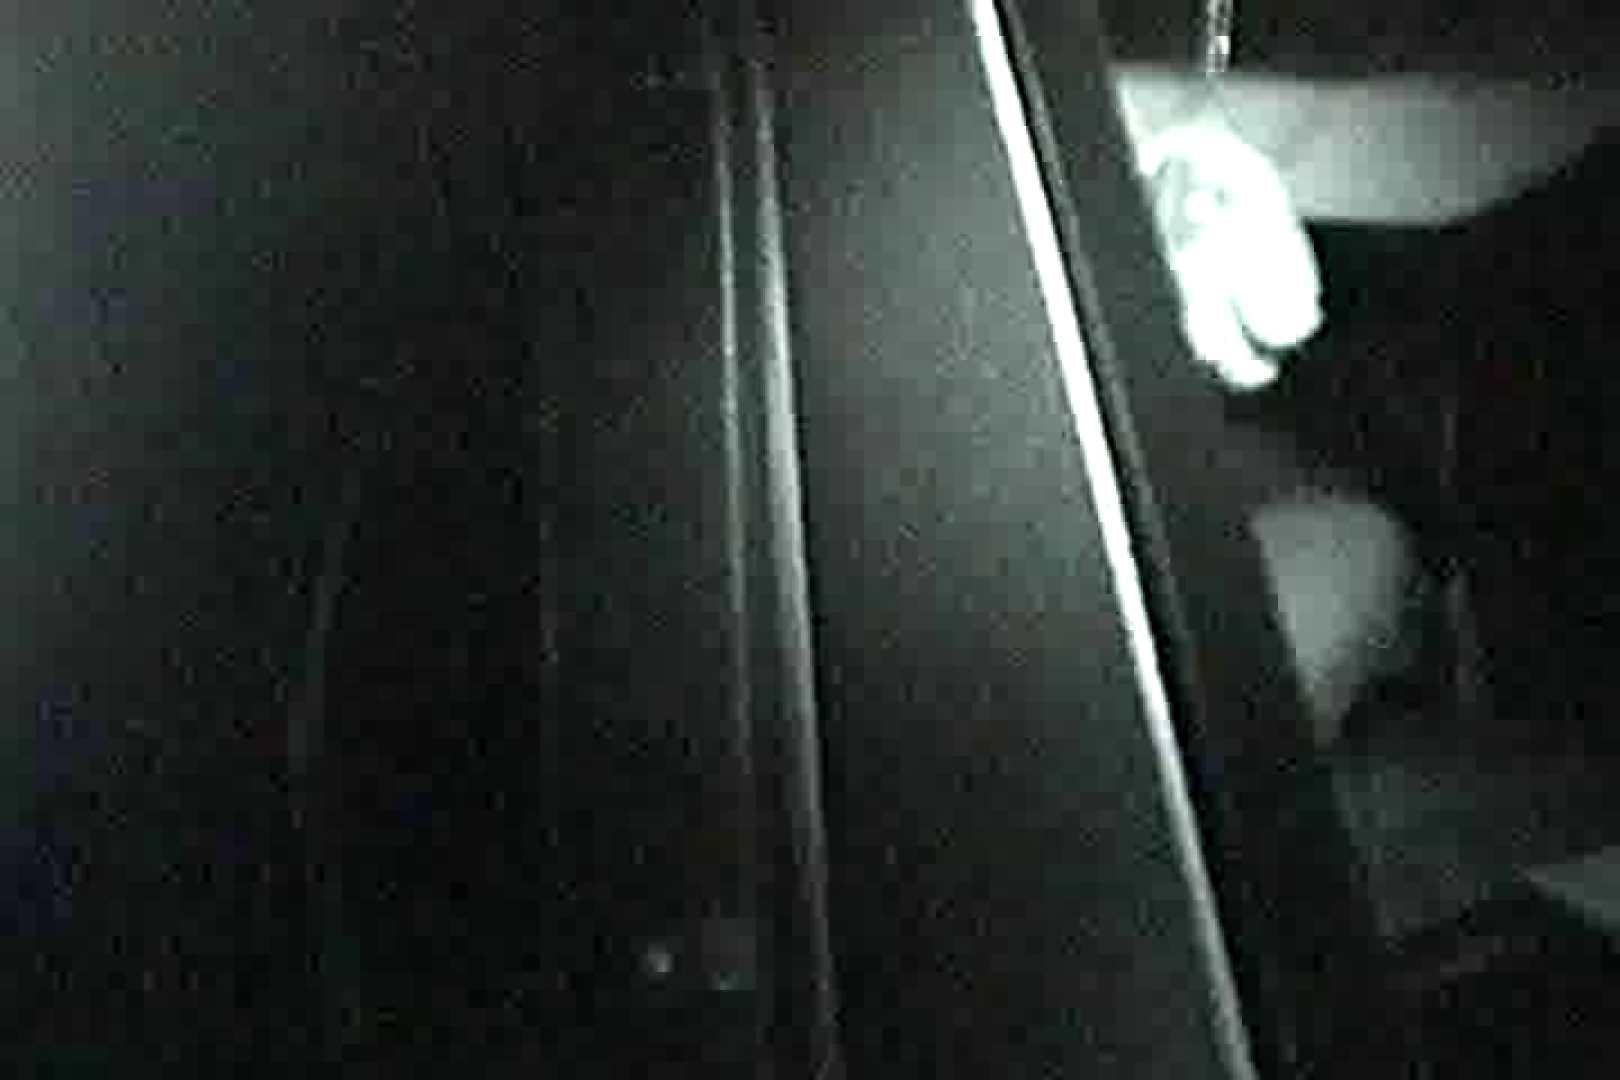 充血監督の深夜の運動会Vol.3 車でエッチ エロ画像 108PIX 11